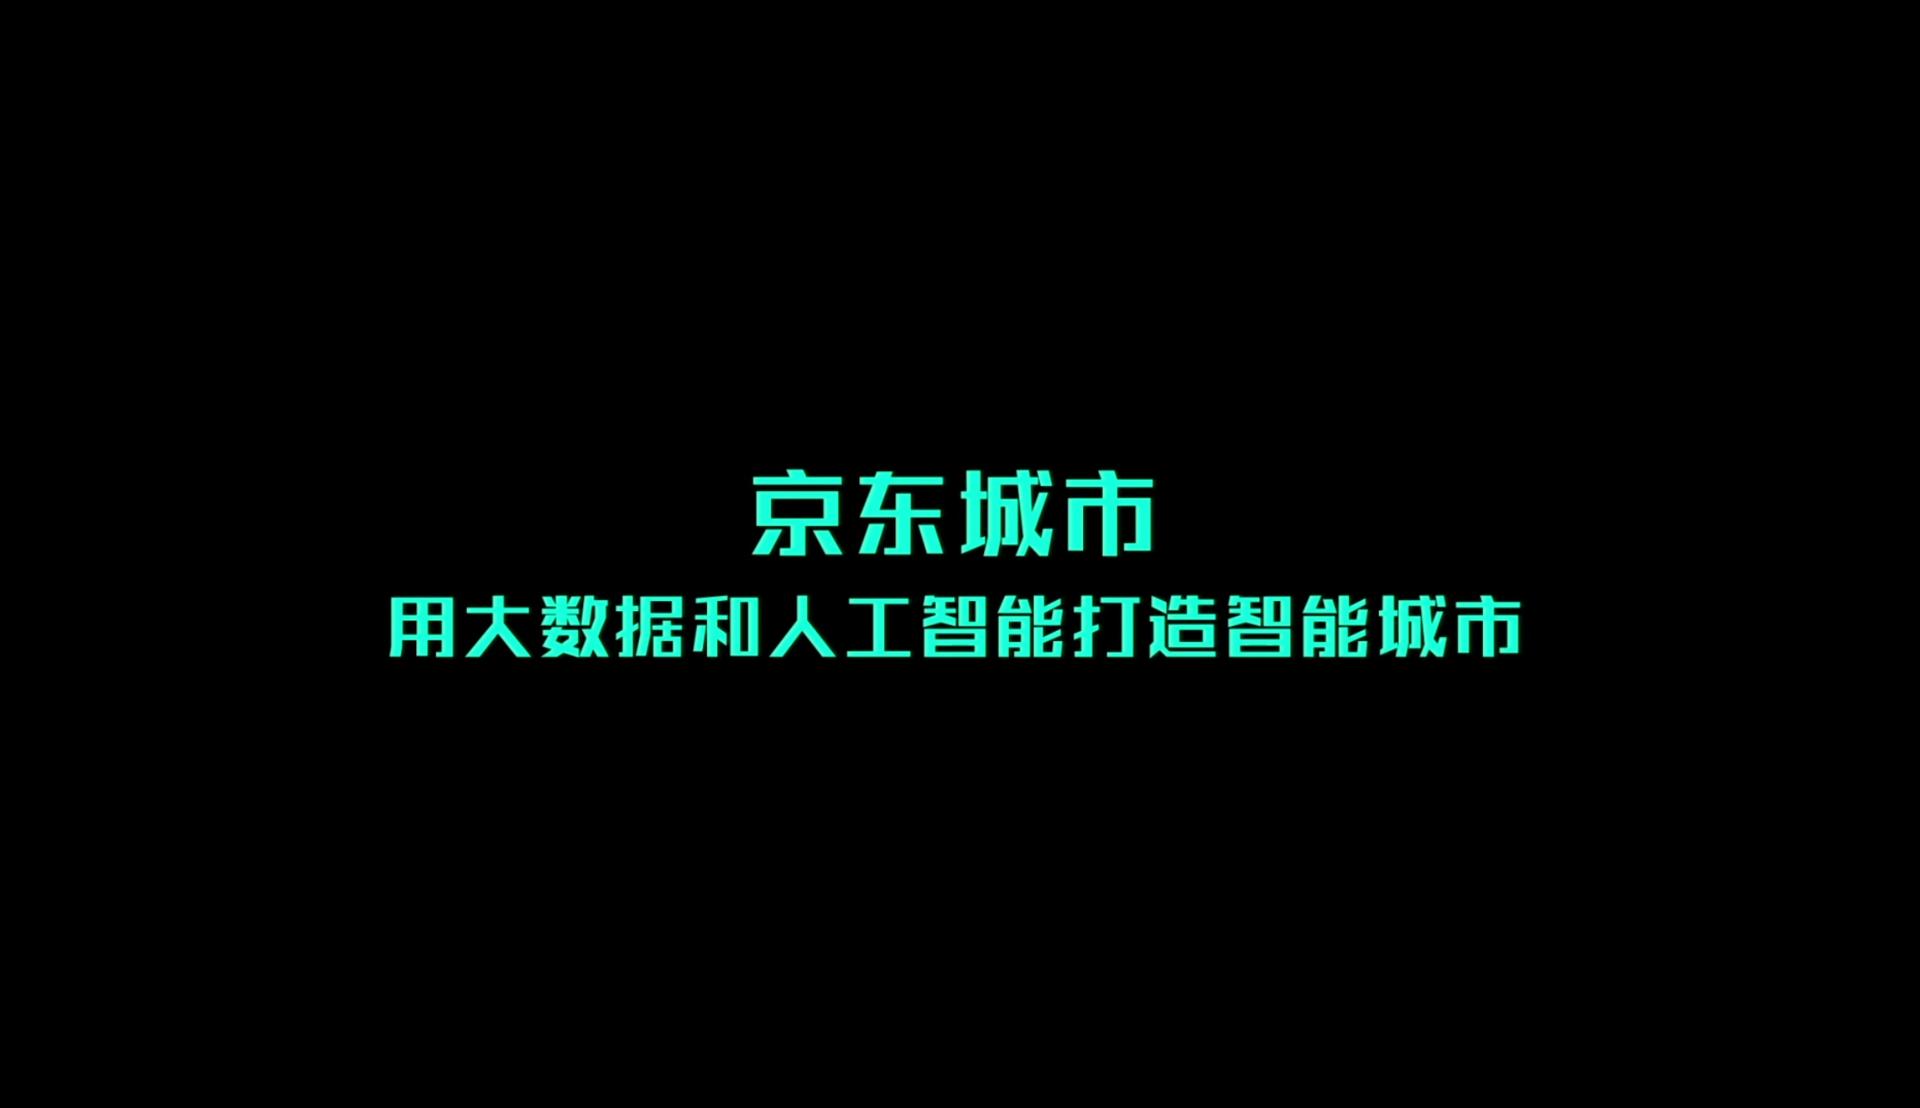 京东数科-城市X数字科技